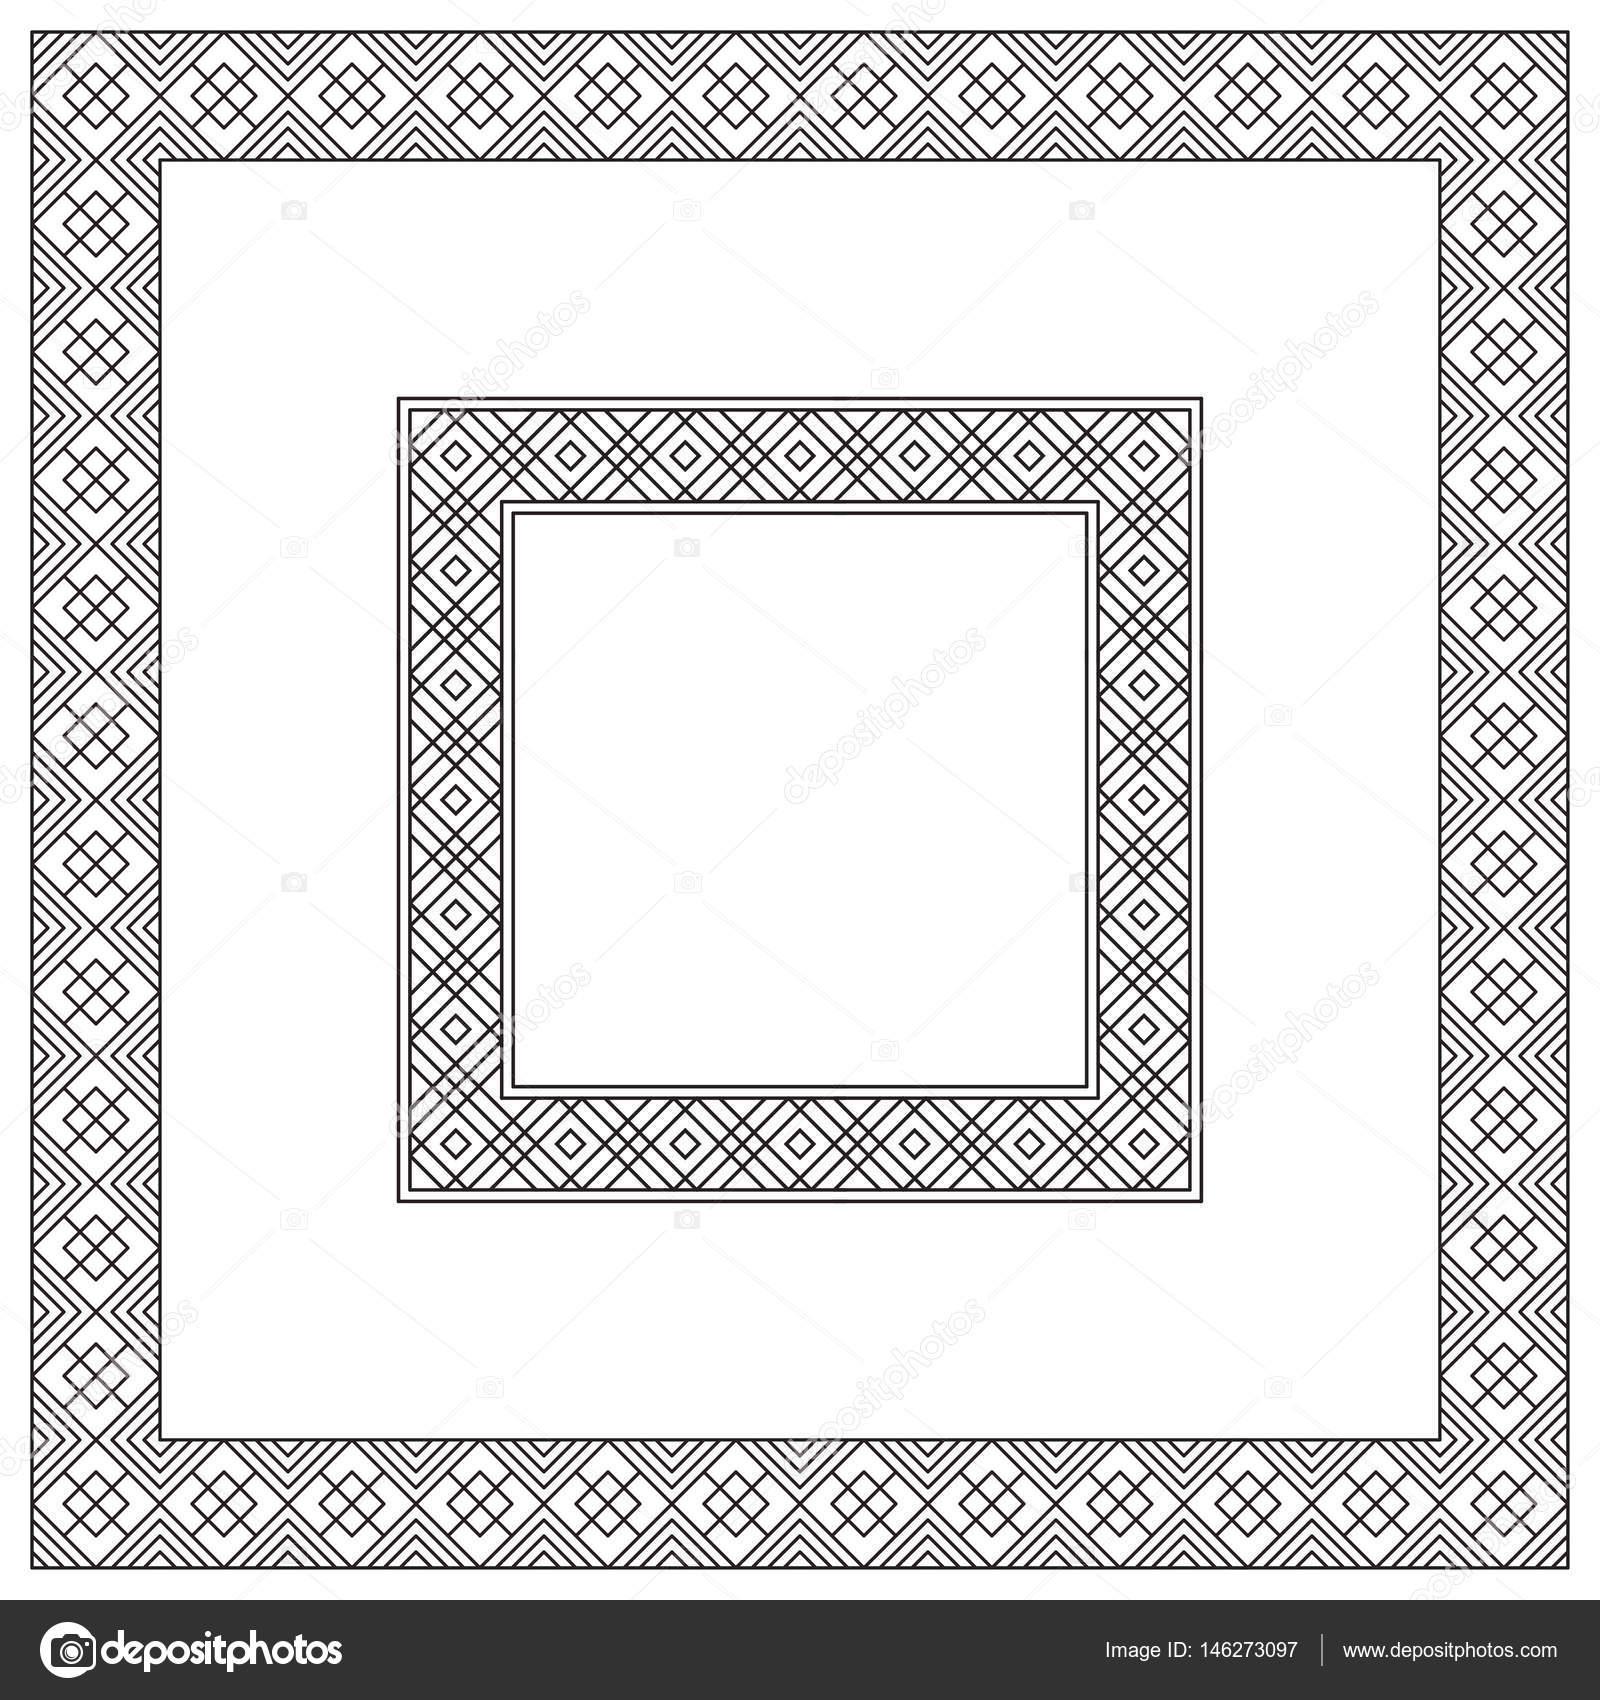 Marcos cuadrado negros, patrón geométrico. Diferentes tamaños ...